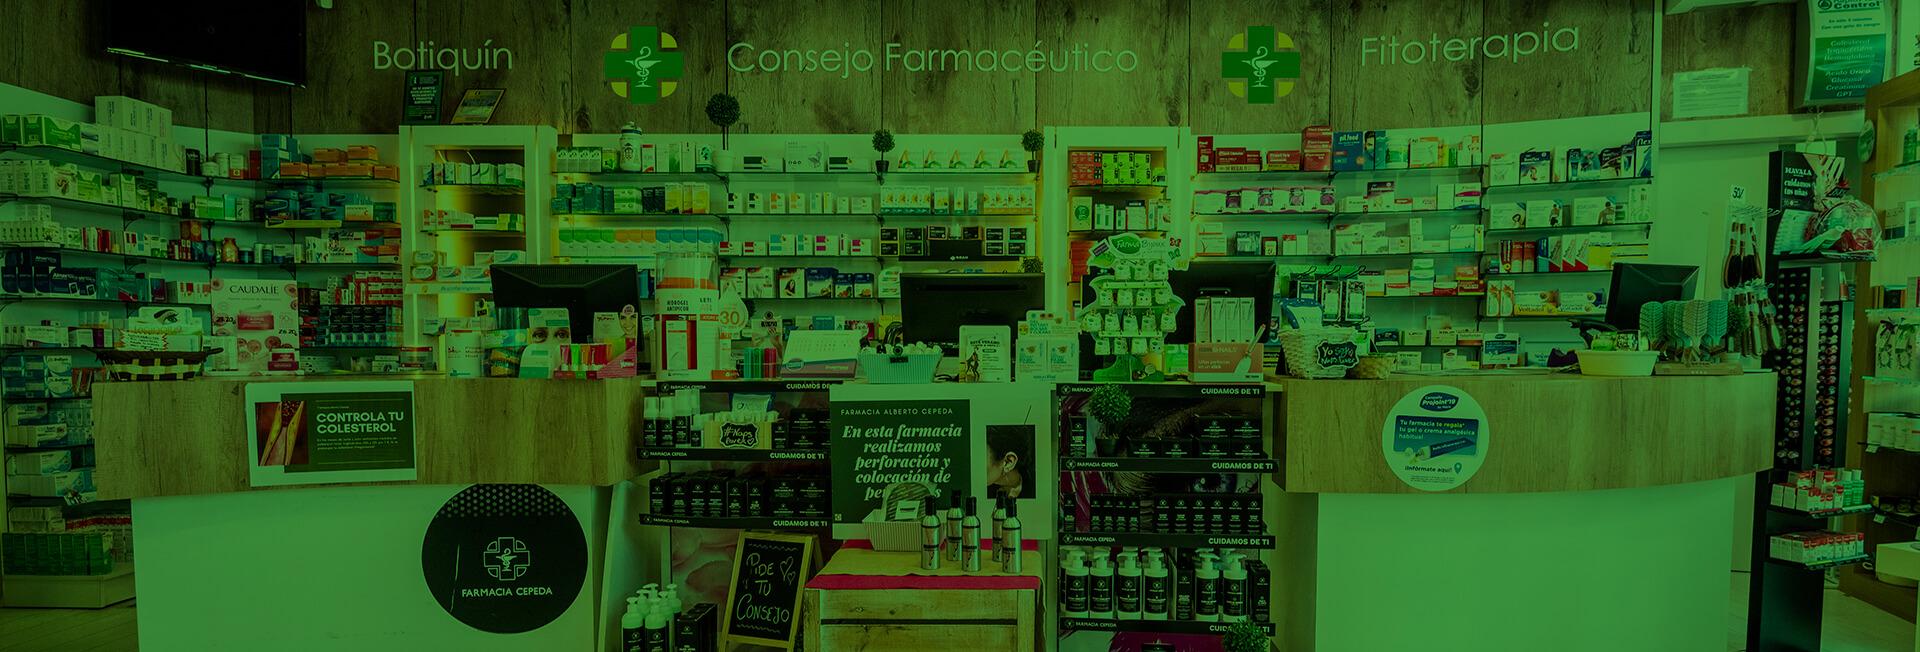 Farmacia Cepeda en Culleredo